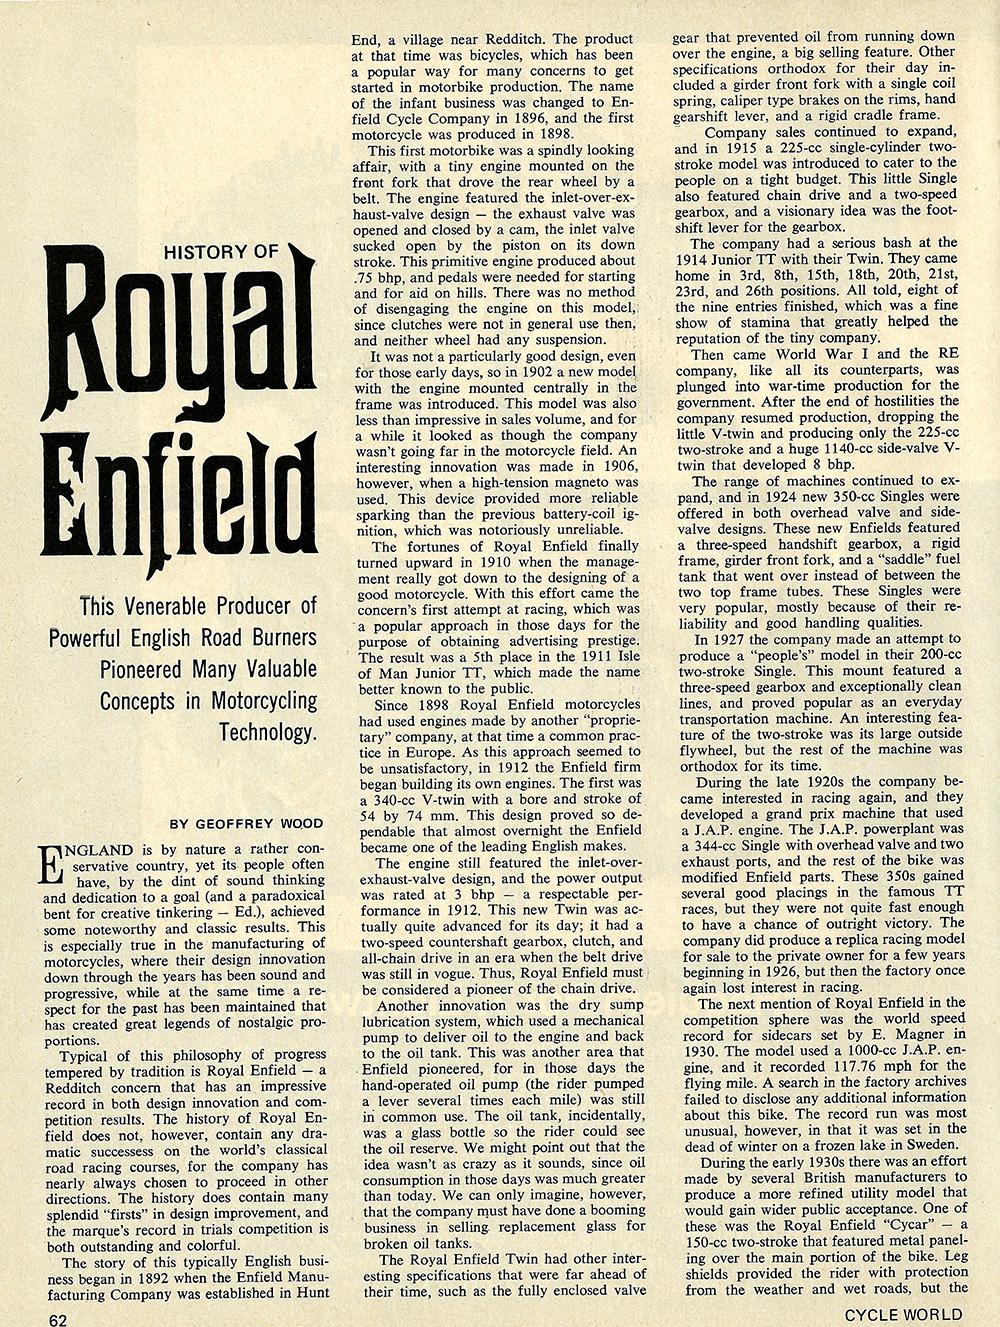 1970 History of Royal Enfield 01.jpg